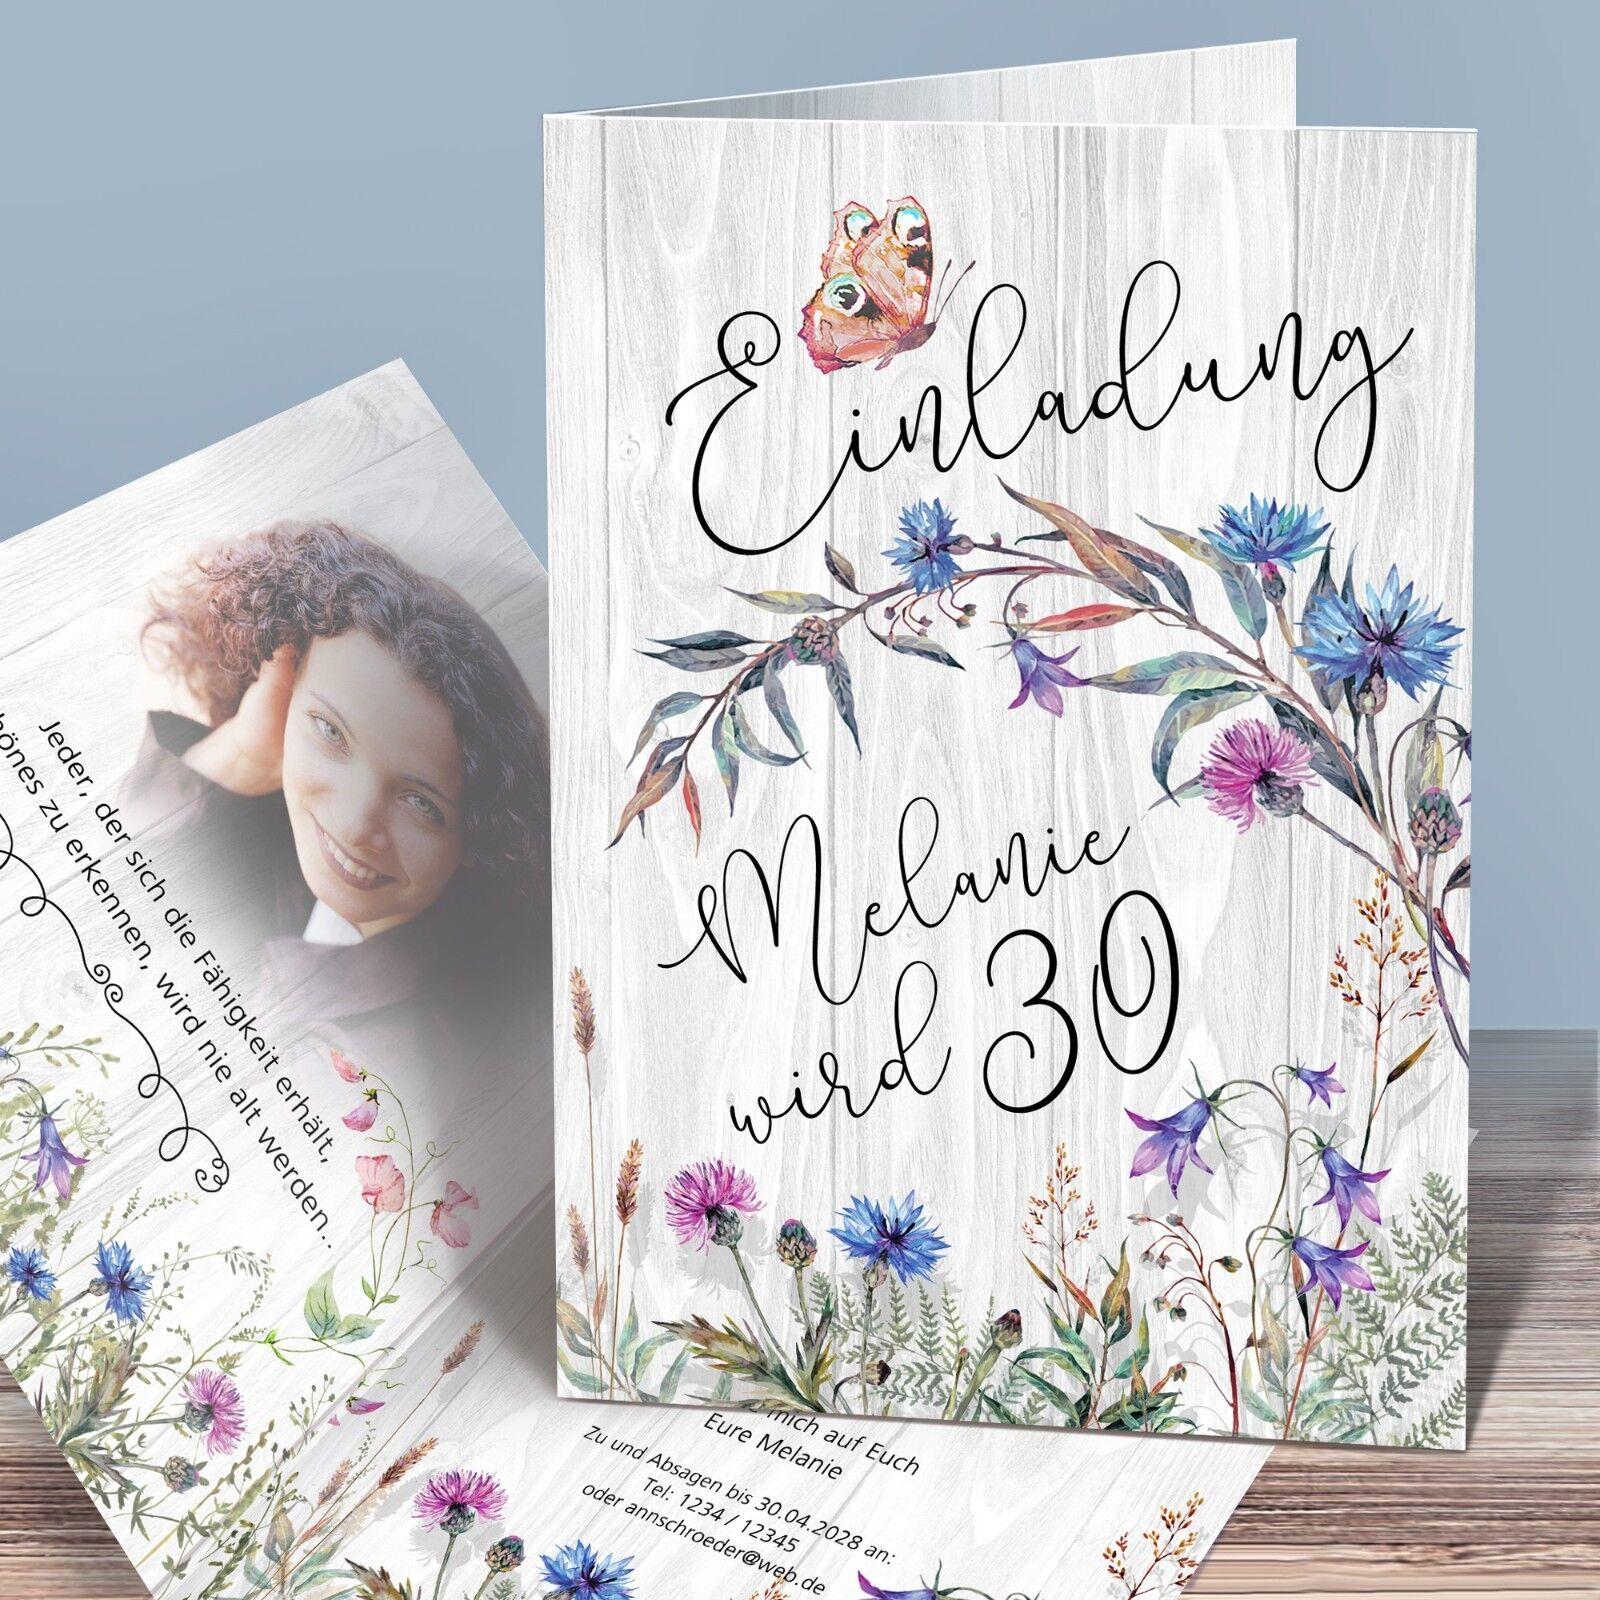 Personalisierte Einladungskarten Geburtstag –  WiesenBlaumen , Boho-Style | Die Königin Der Qualität  | Sehr gelobt und vom Publikum der Verbraucher geschätzt